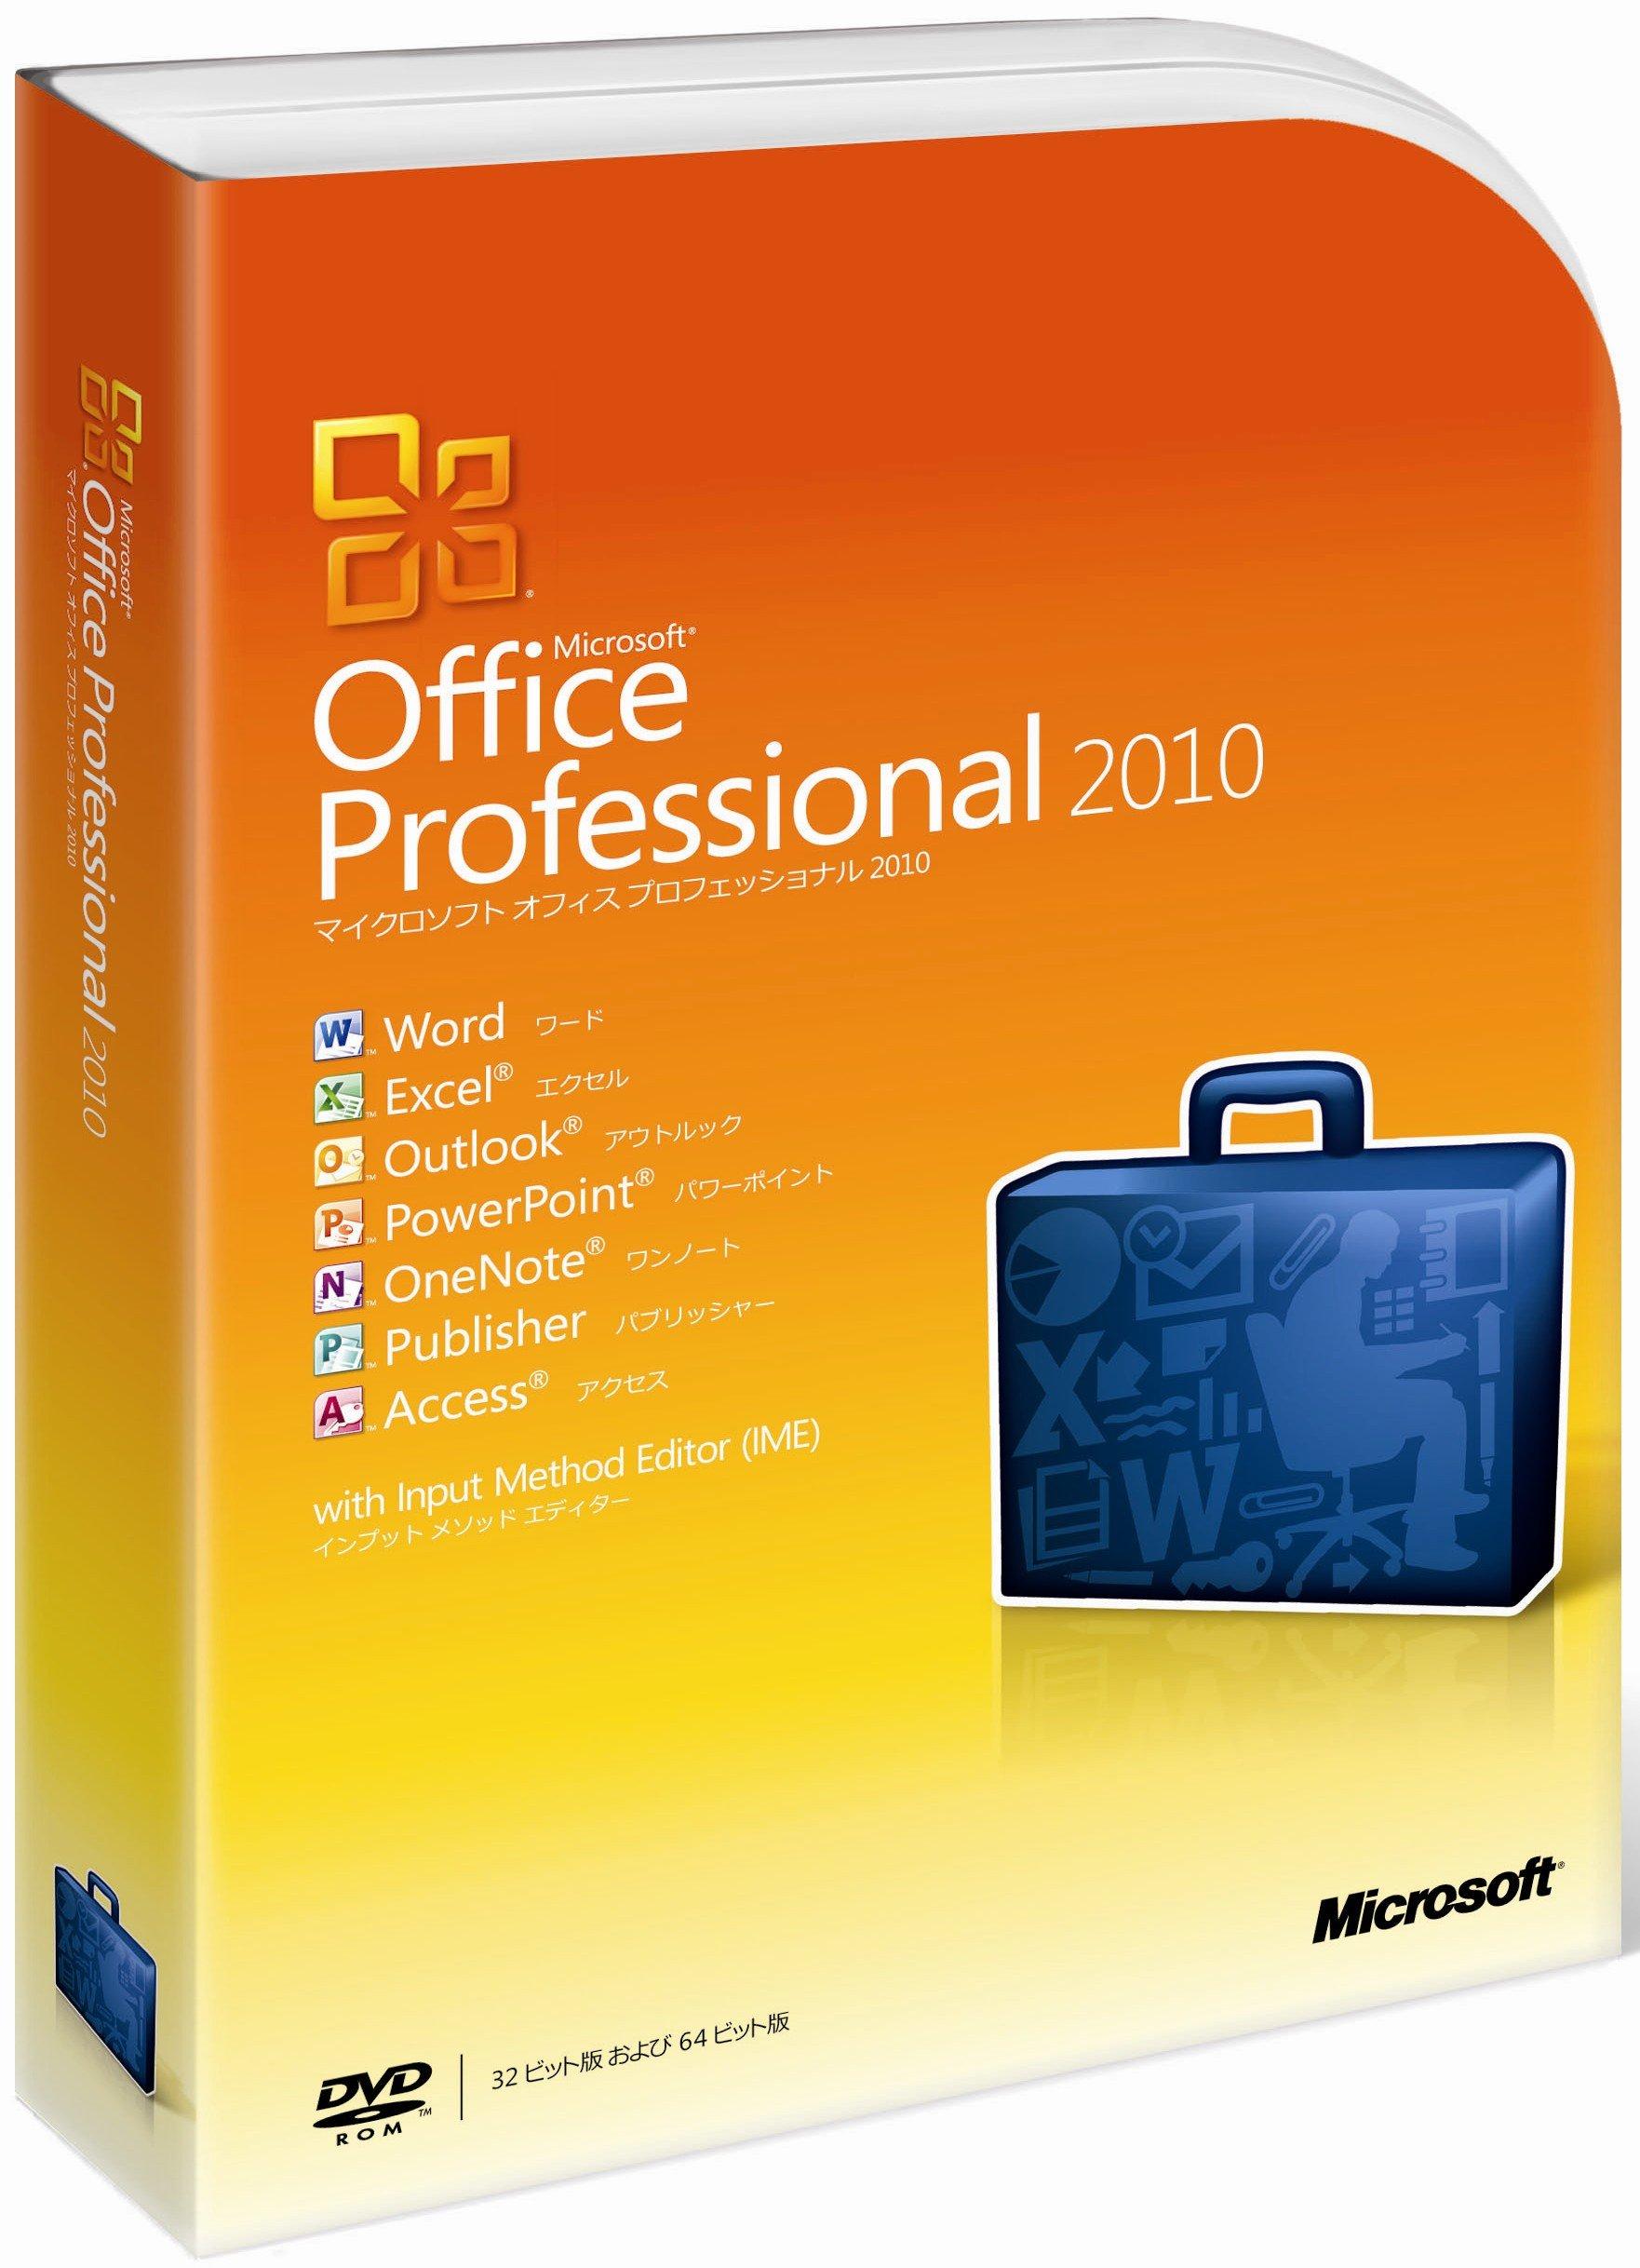 Officeのパッケージ版